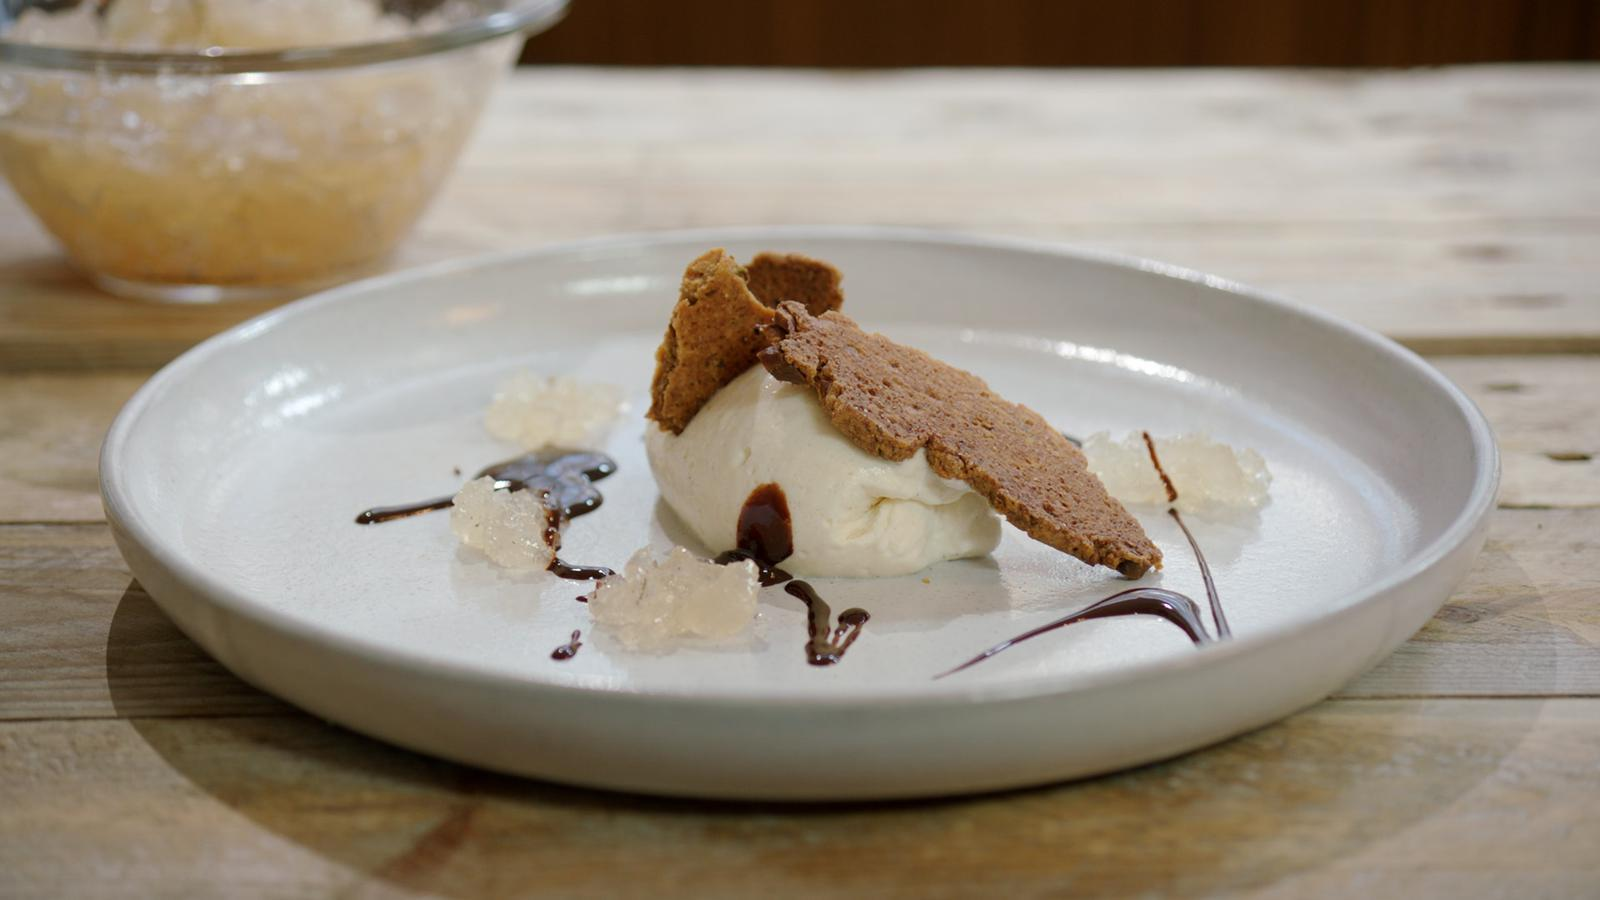 Mousse en gelei van kweepeer met pistachekoekjes en chocoladesaus